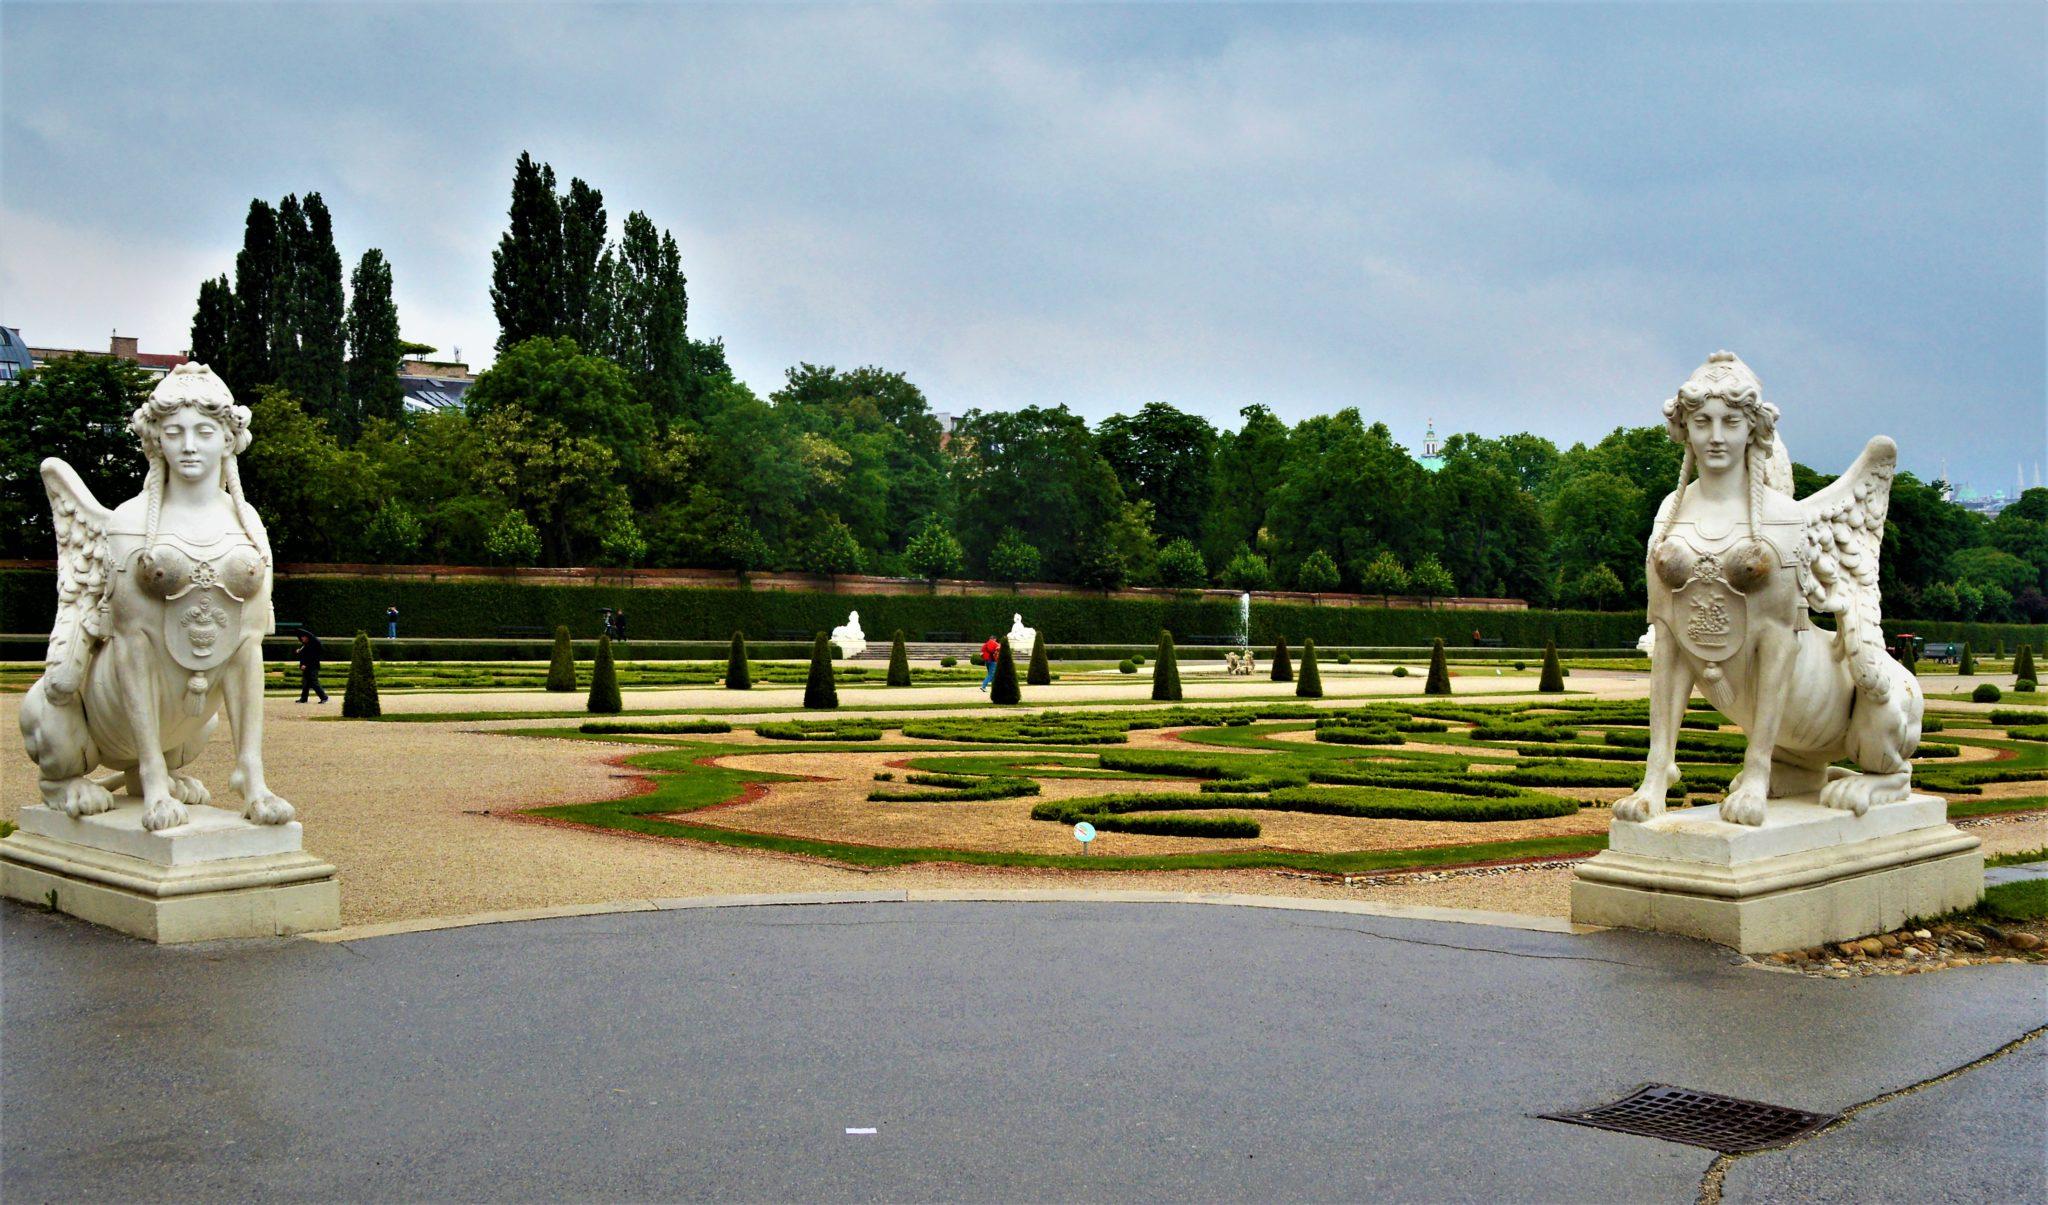 Schönbrunn Palace statues in gardens, 2 days in Vienna, Austria